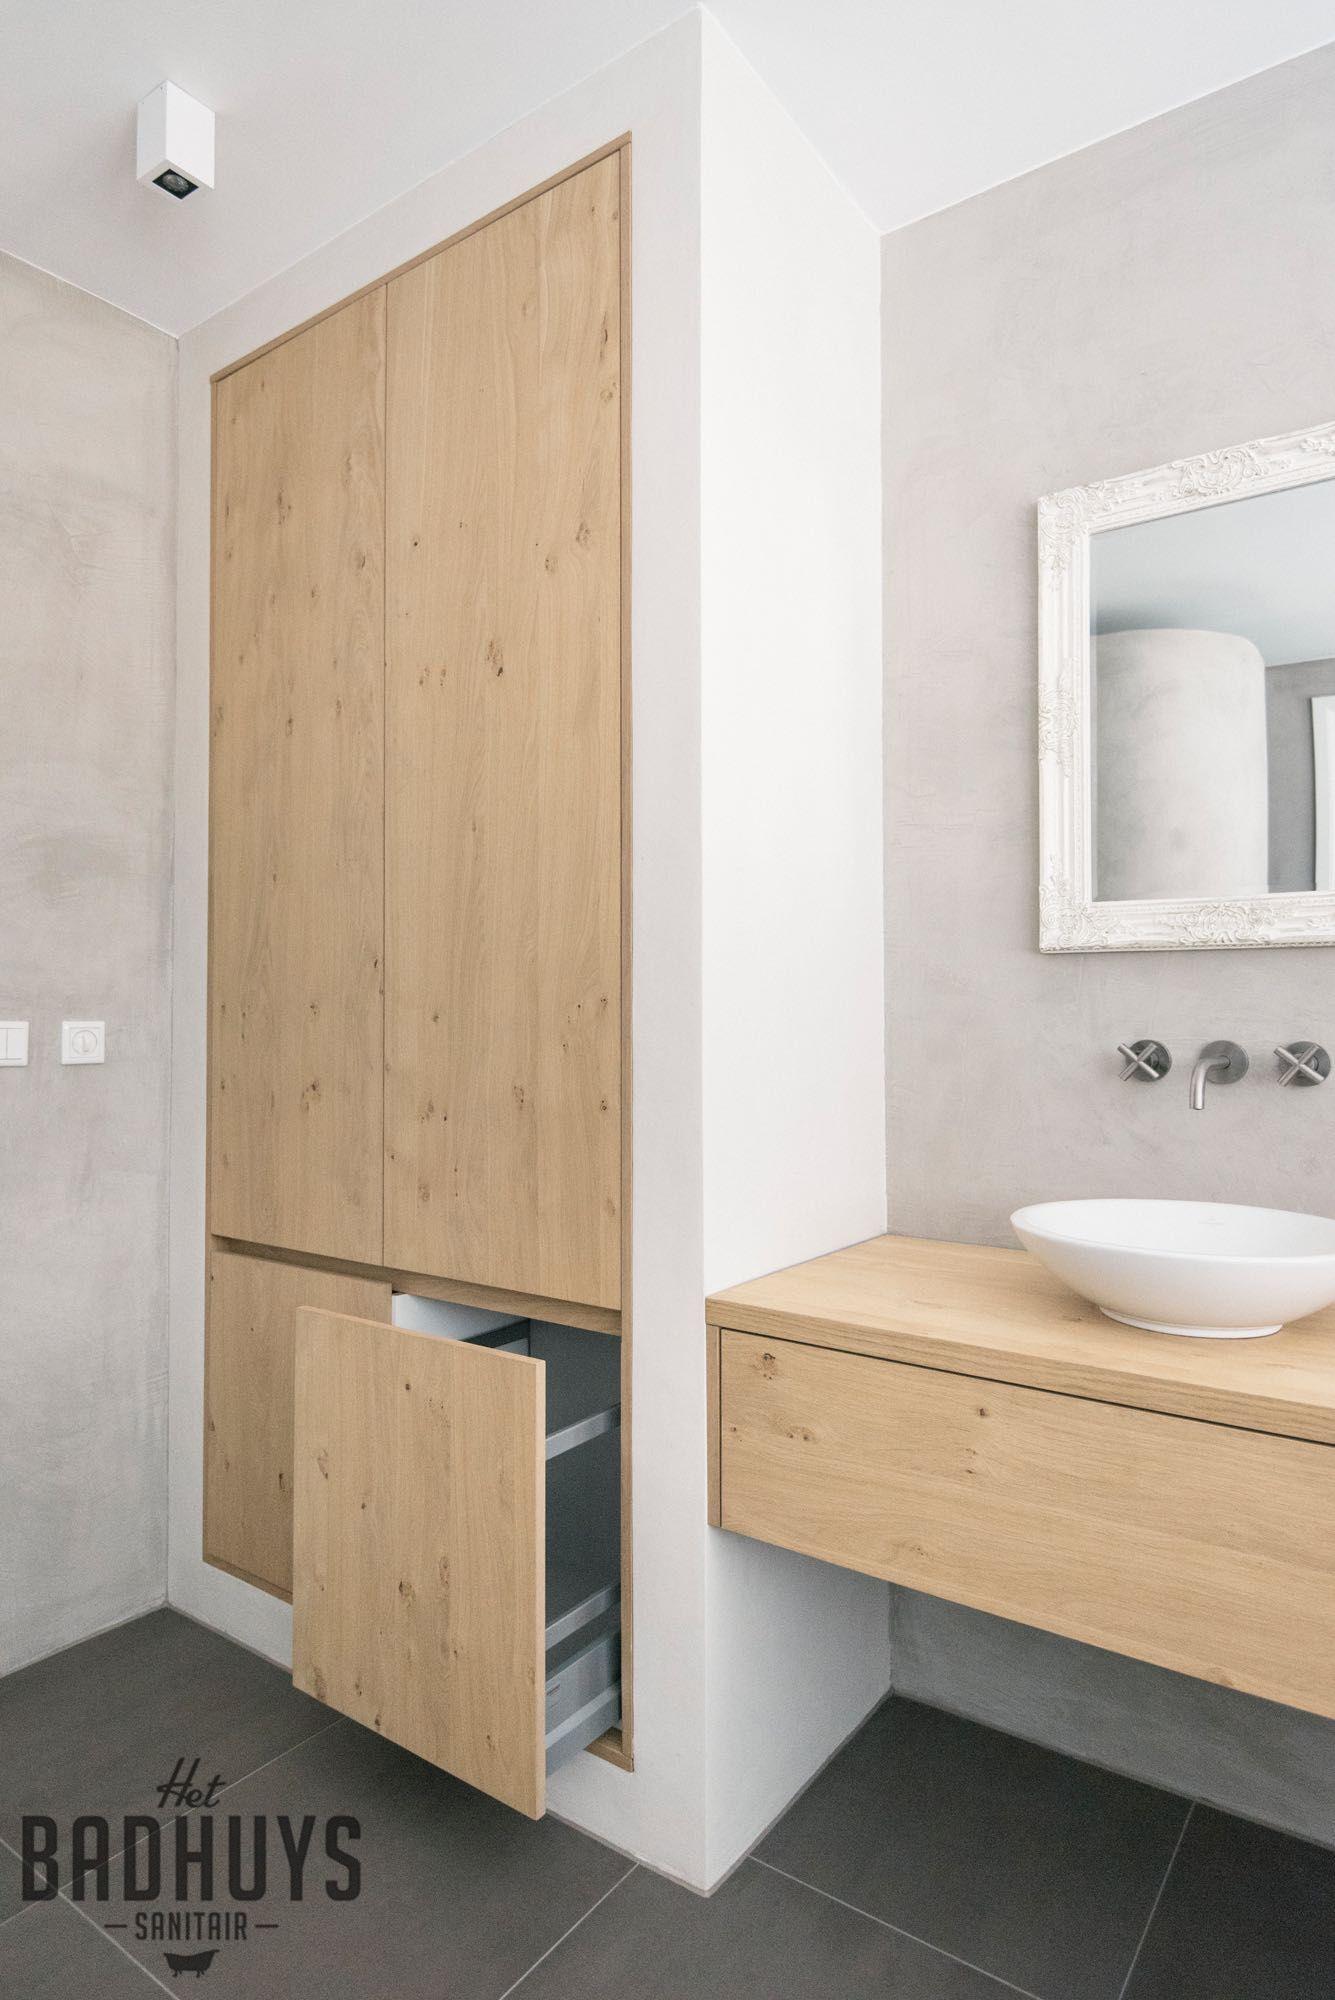 Badkamer Met Muren In De Beton Cire En Maatwerk Meubel En Kast  # Meuble Tv Beton Cire